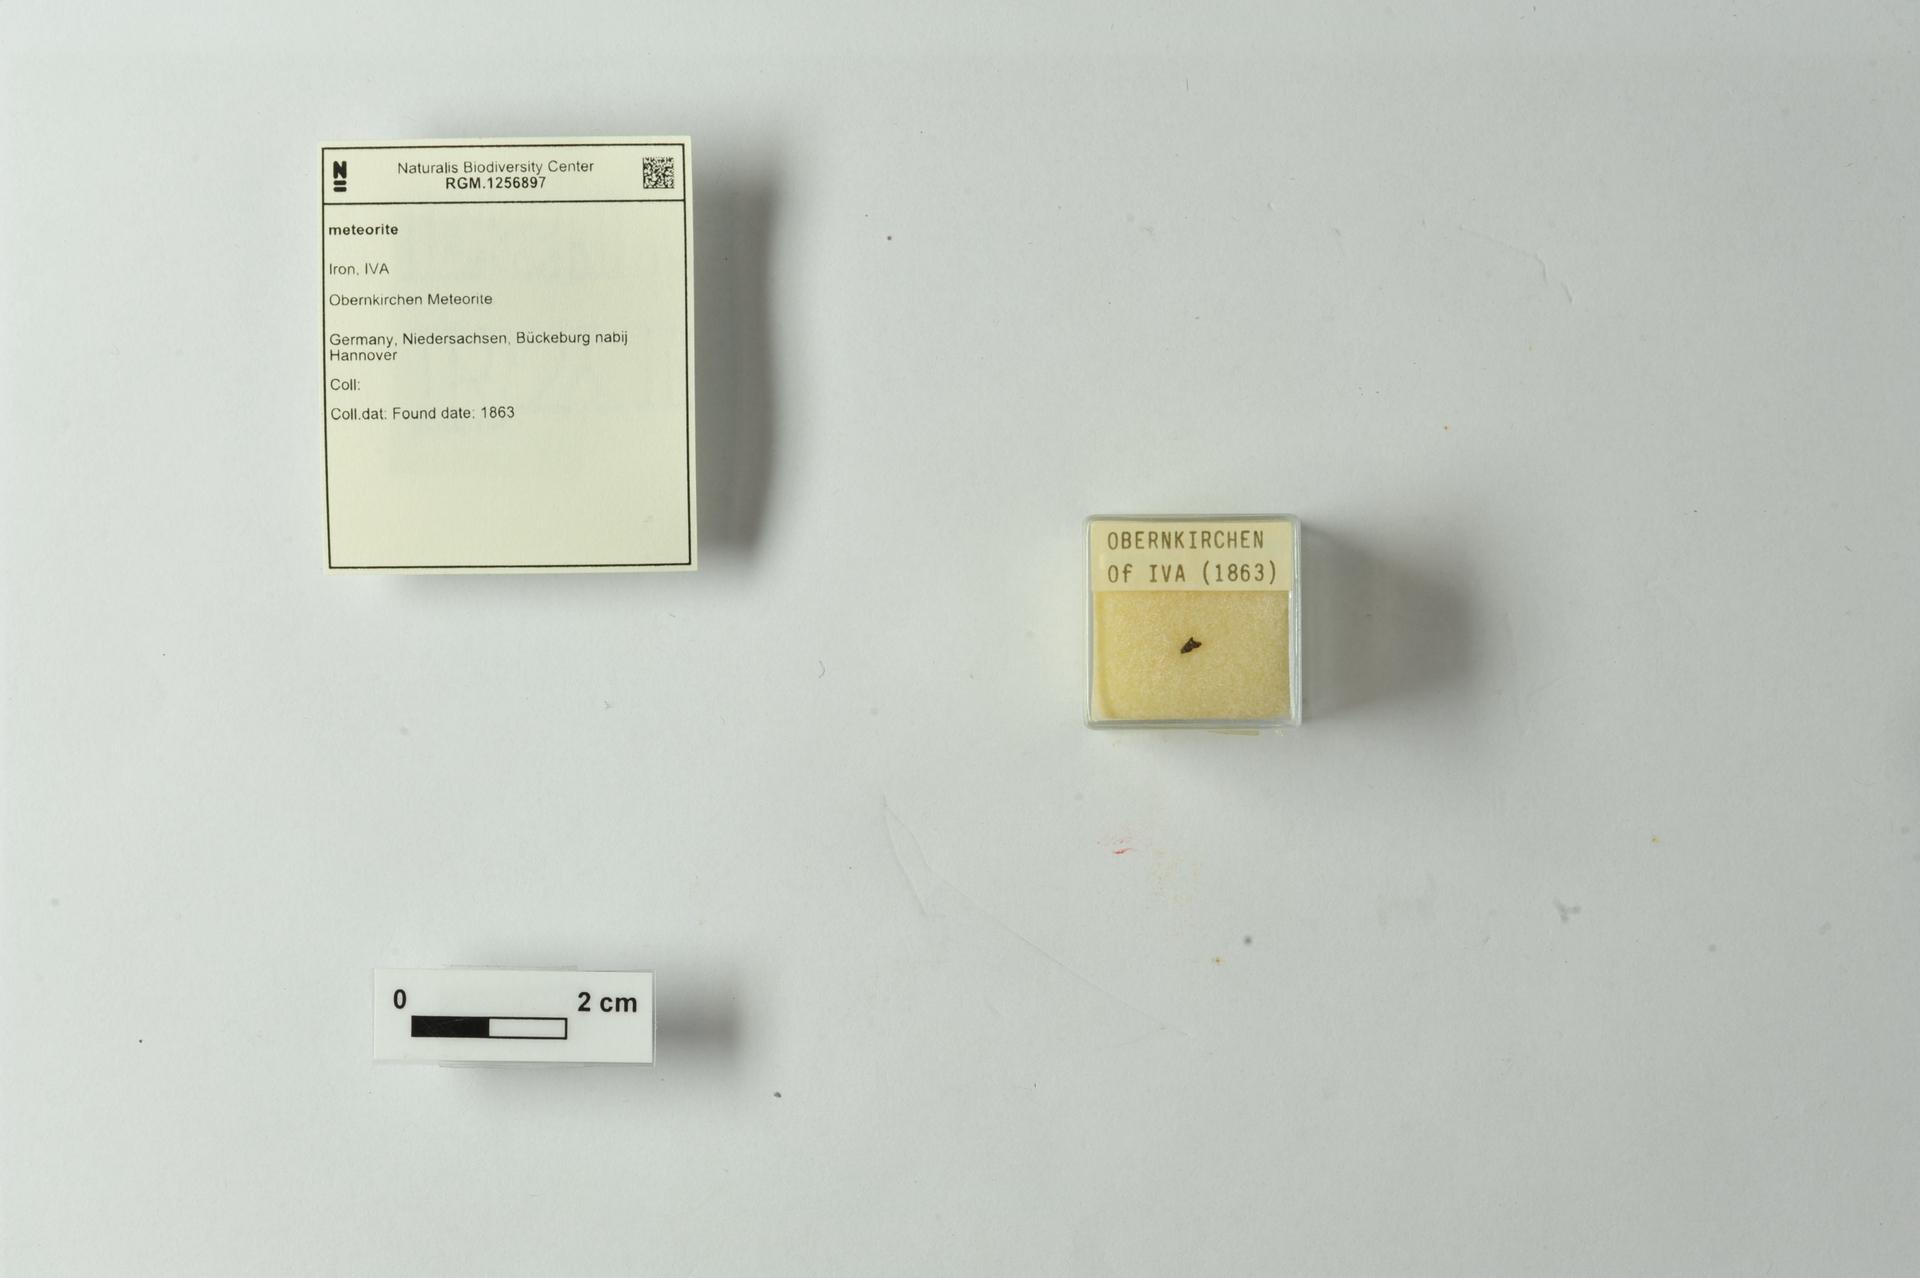 RGM.1256897 | Iron, IVA